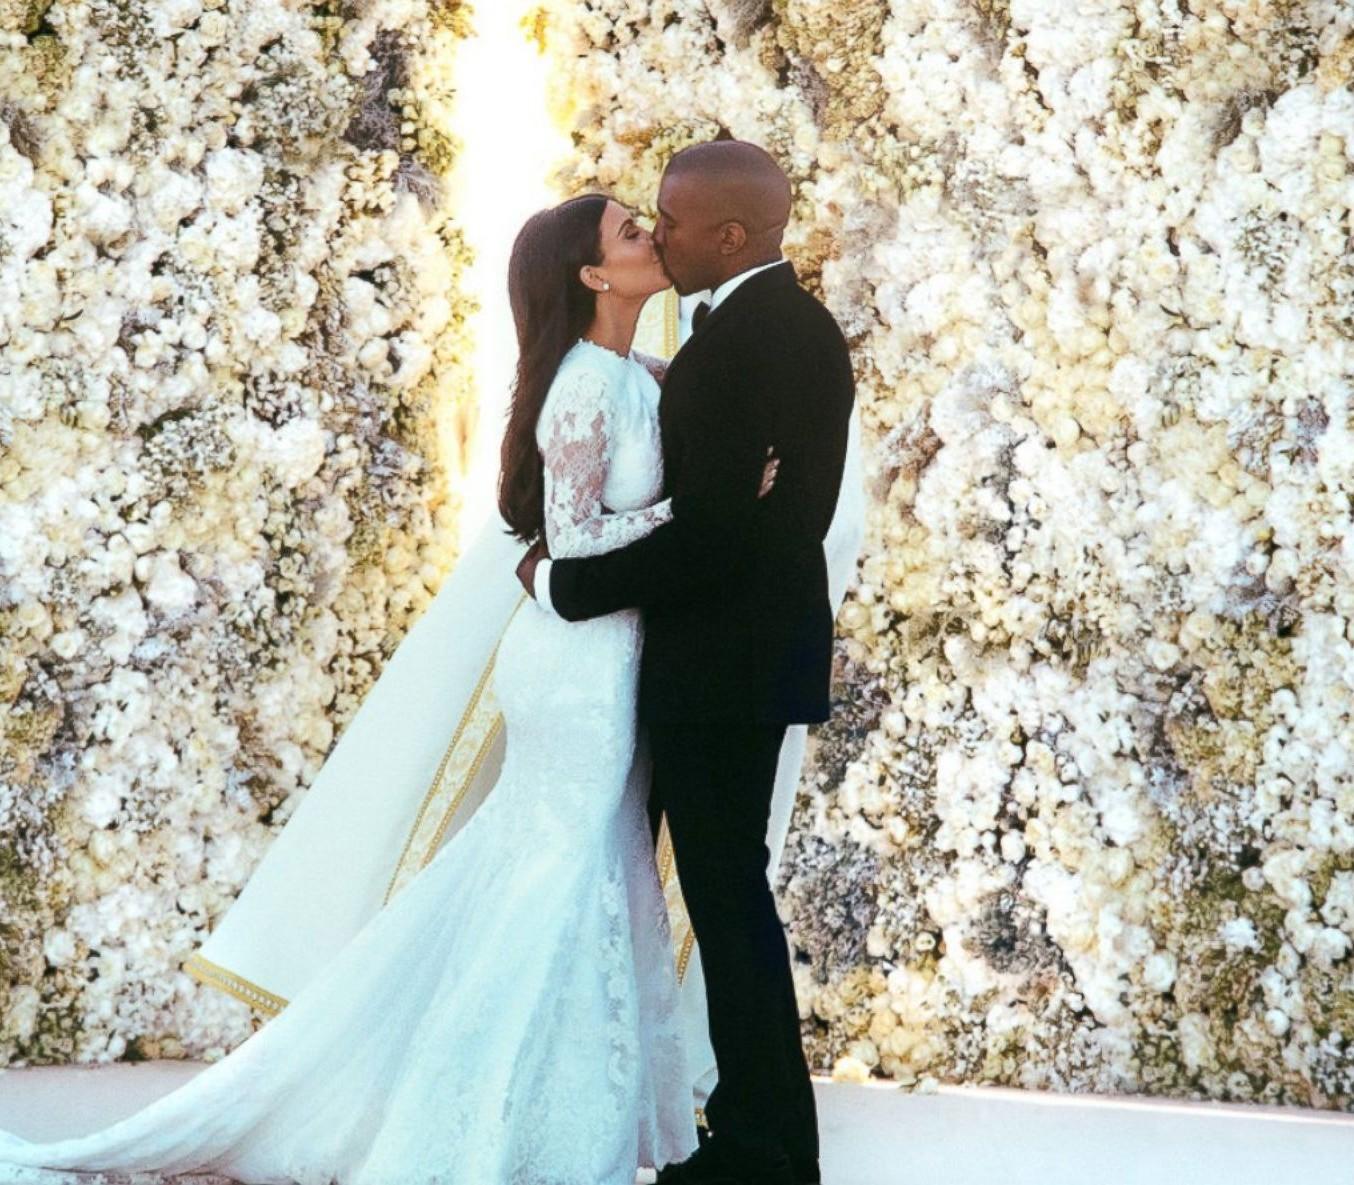 Casamento de Kim Kardashian e Kanye West (Foto: Instagram/Reprodução)